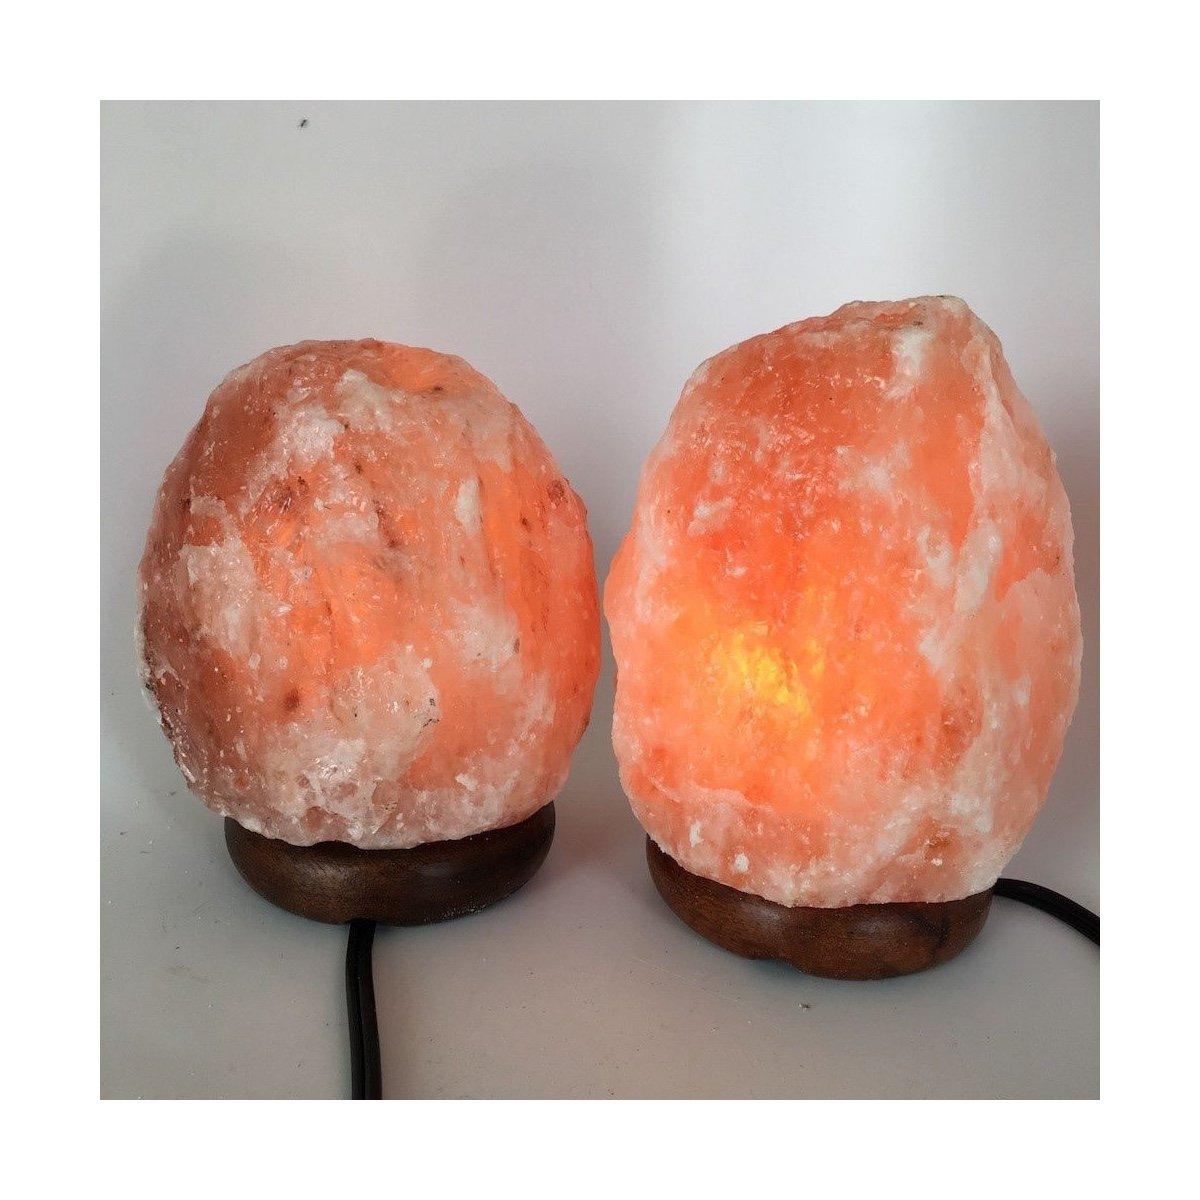 2x Himalaya Natural Handcraft Rough Raw Crystal Salt Lamp,6.25''-7.25''Tall, HL68